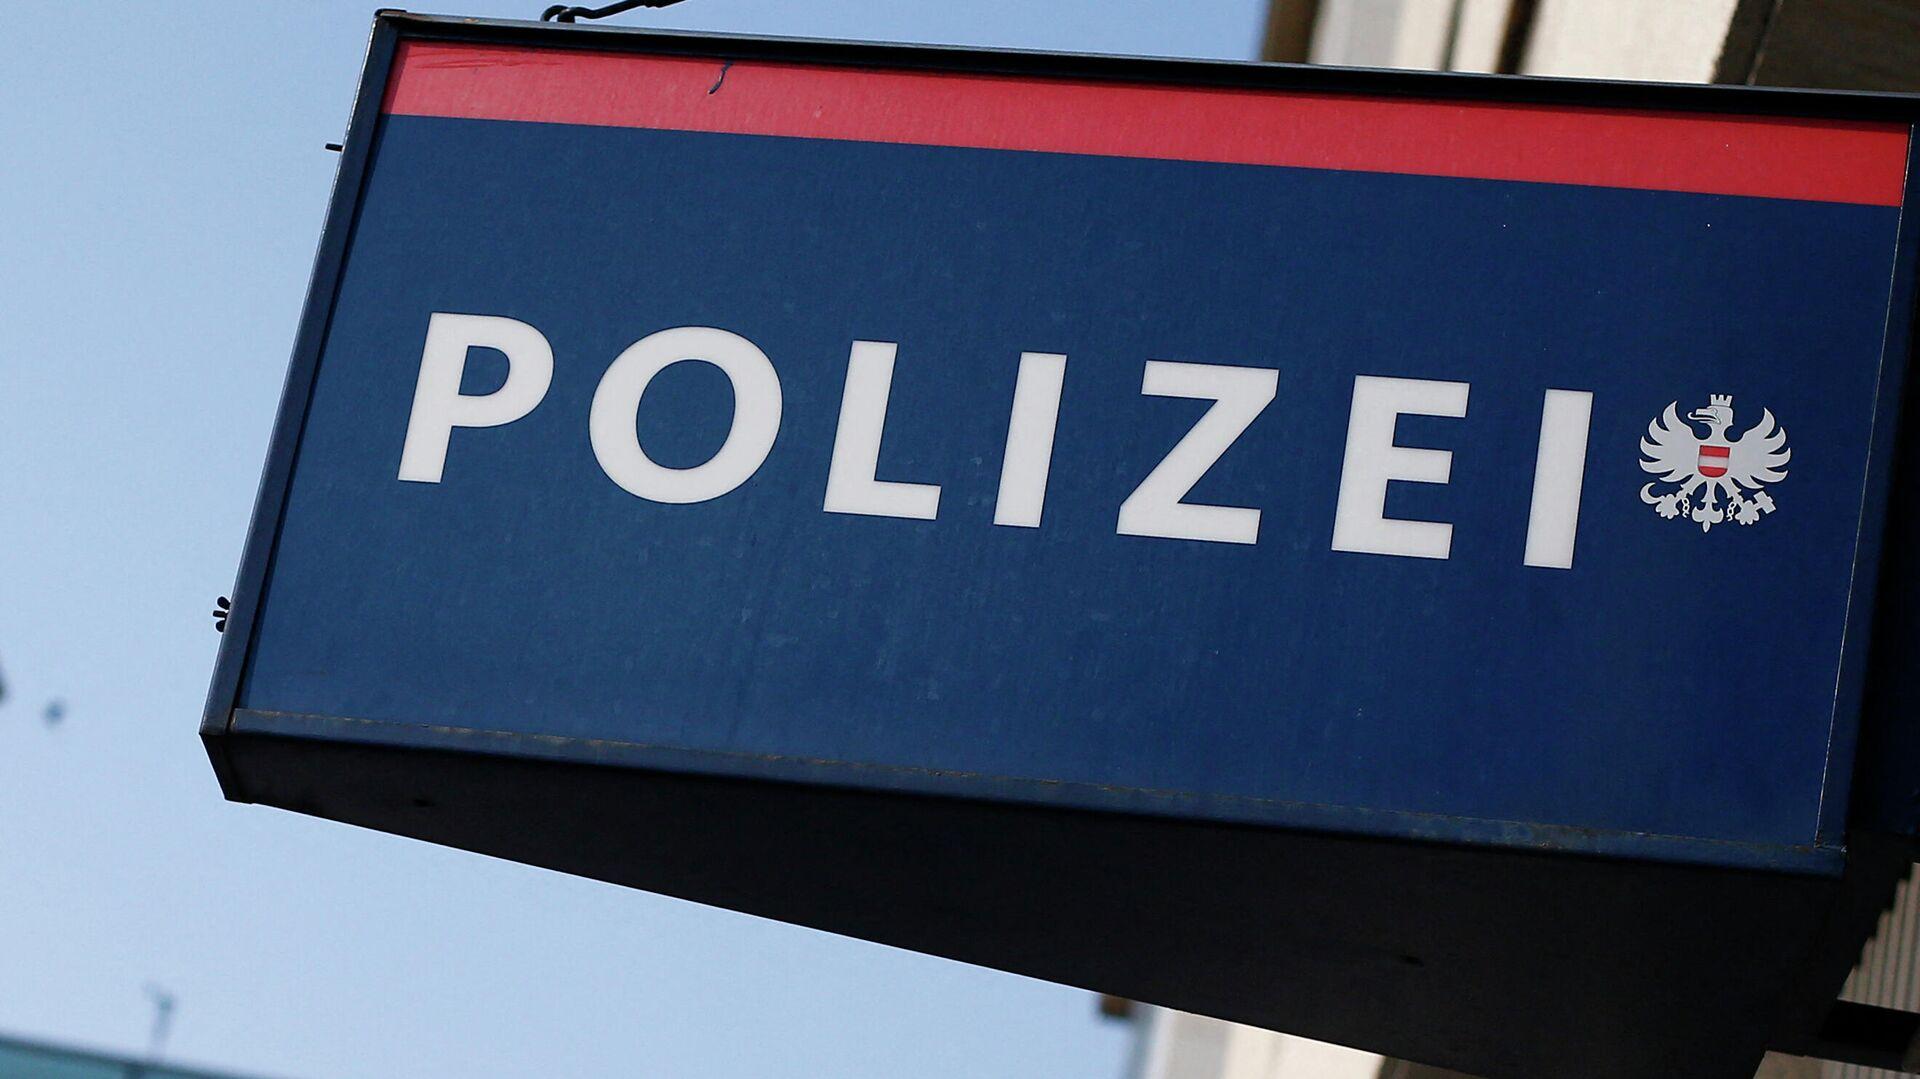 Polizei in Österreich (Symbolbild)  - SNA, 1920, 06.03.2021